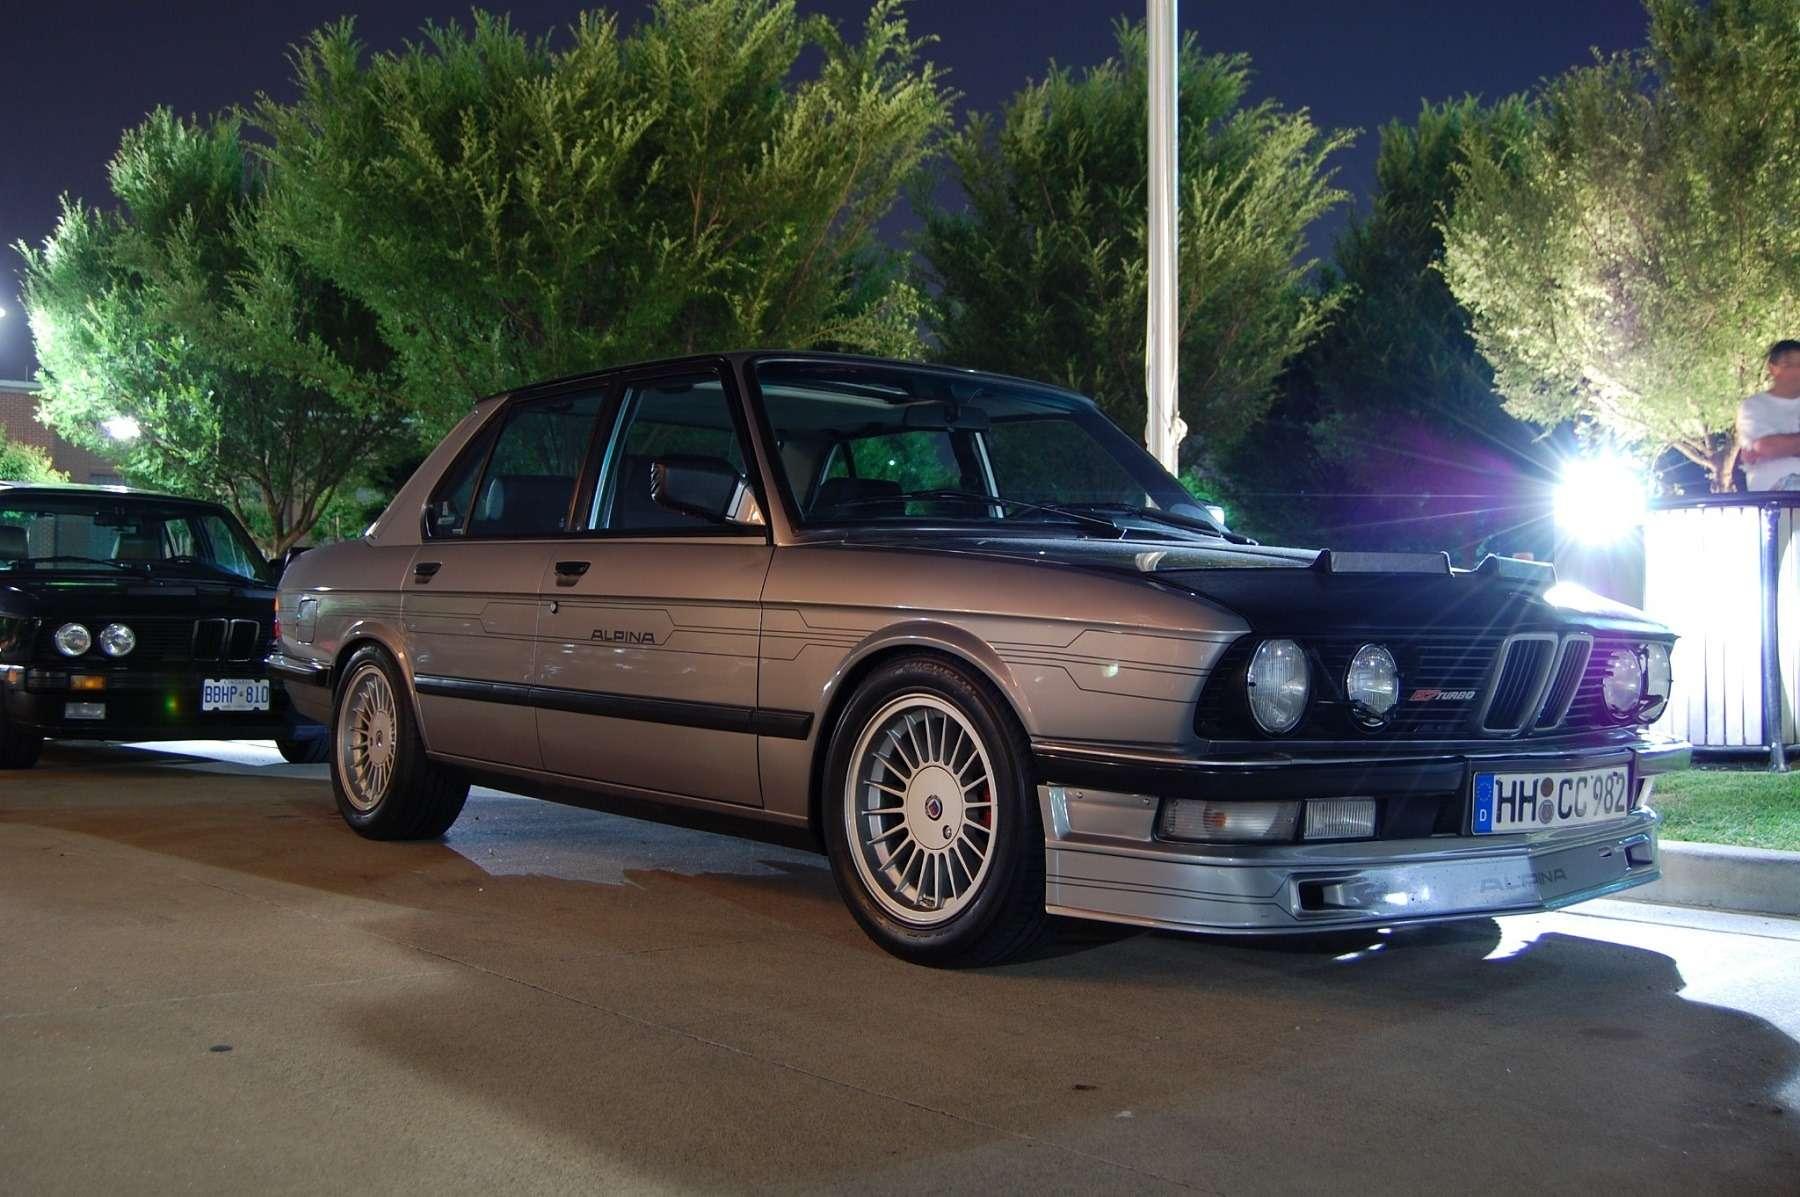 «Биммер» мечты: уникальная Alpina B7 Turbo по цене нового BMW - фото 739726